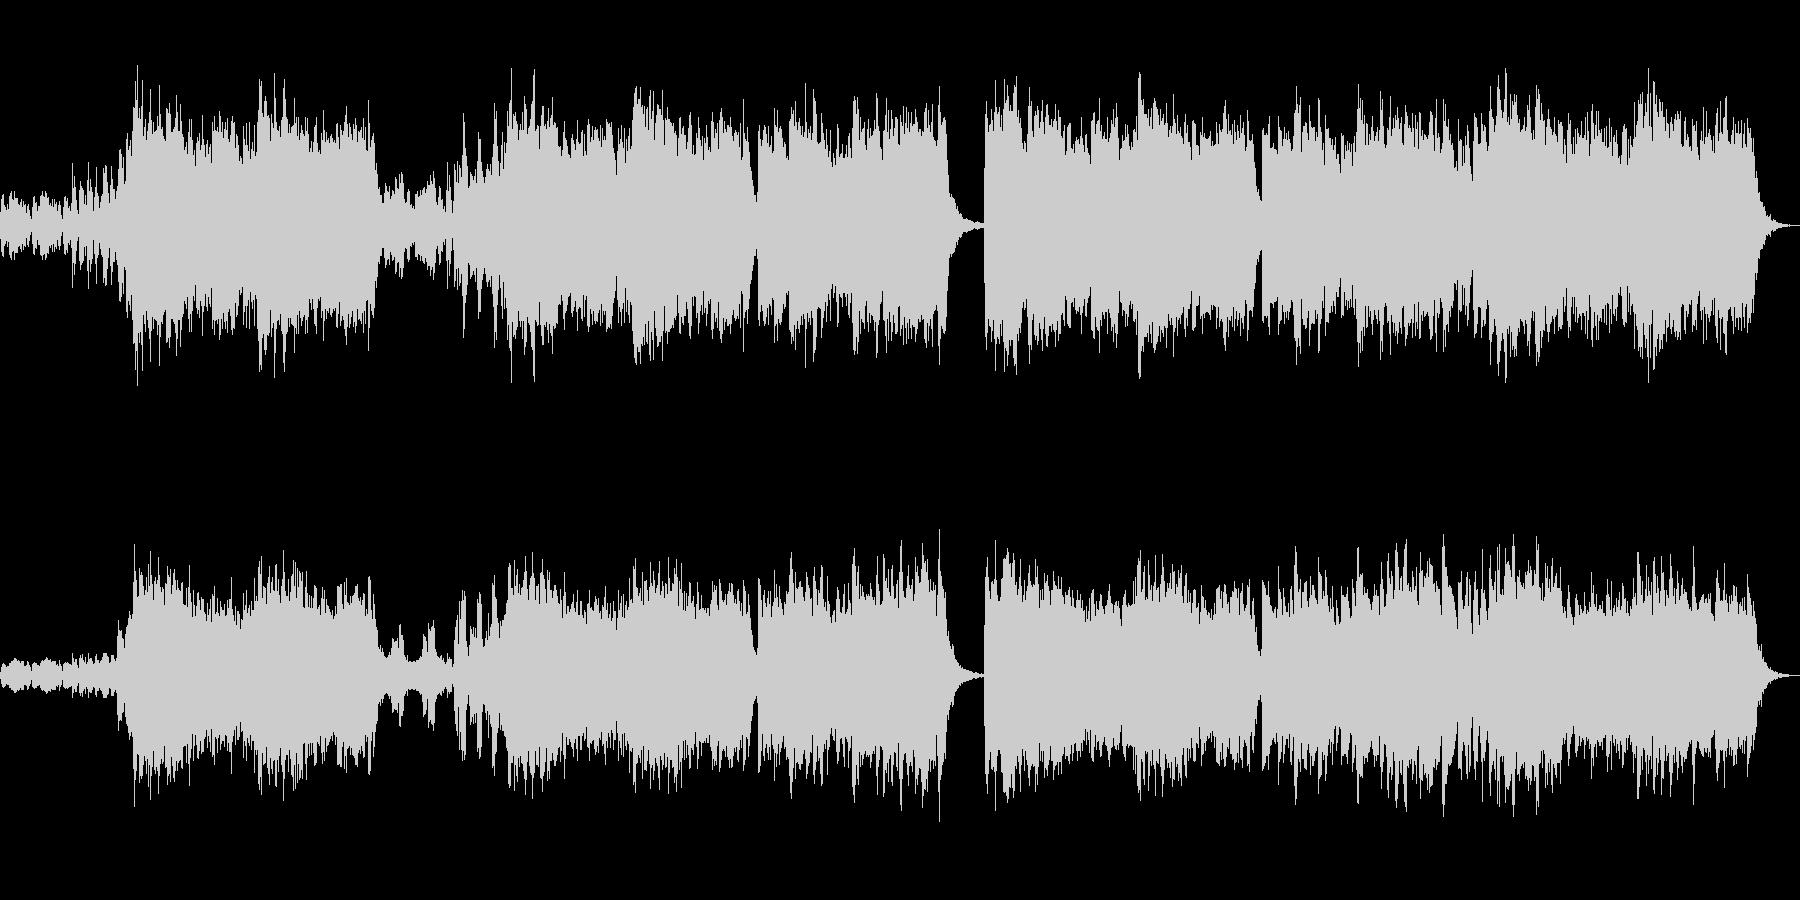 メンデルスゾーンの結婚行進曲を吹奏楽での未再生の波形